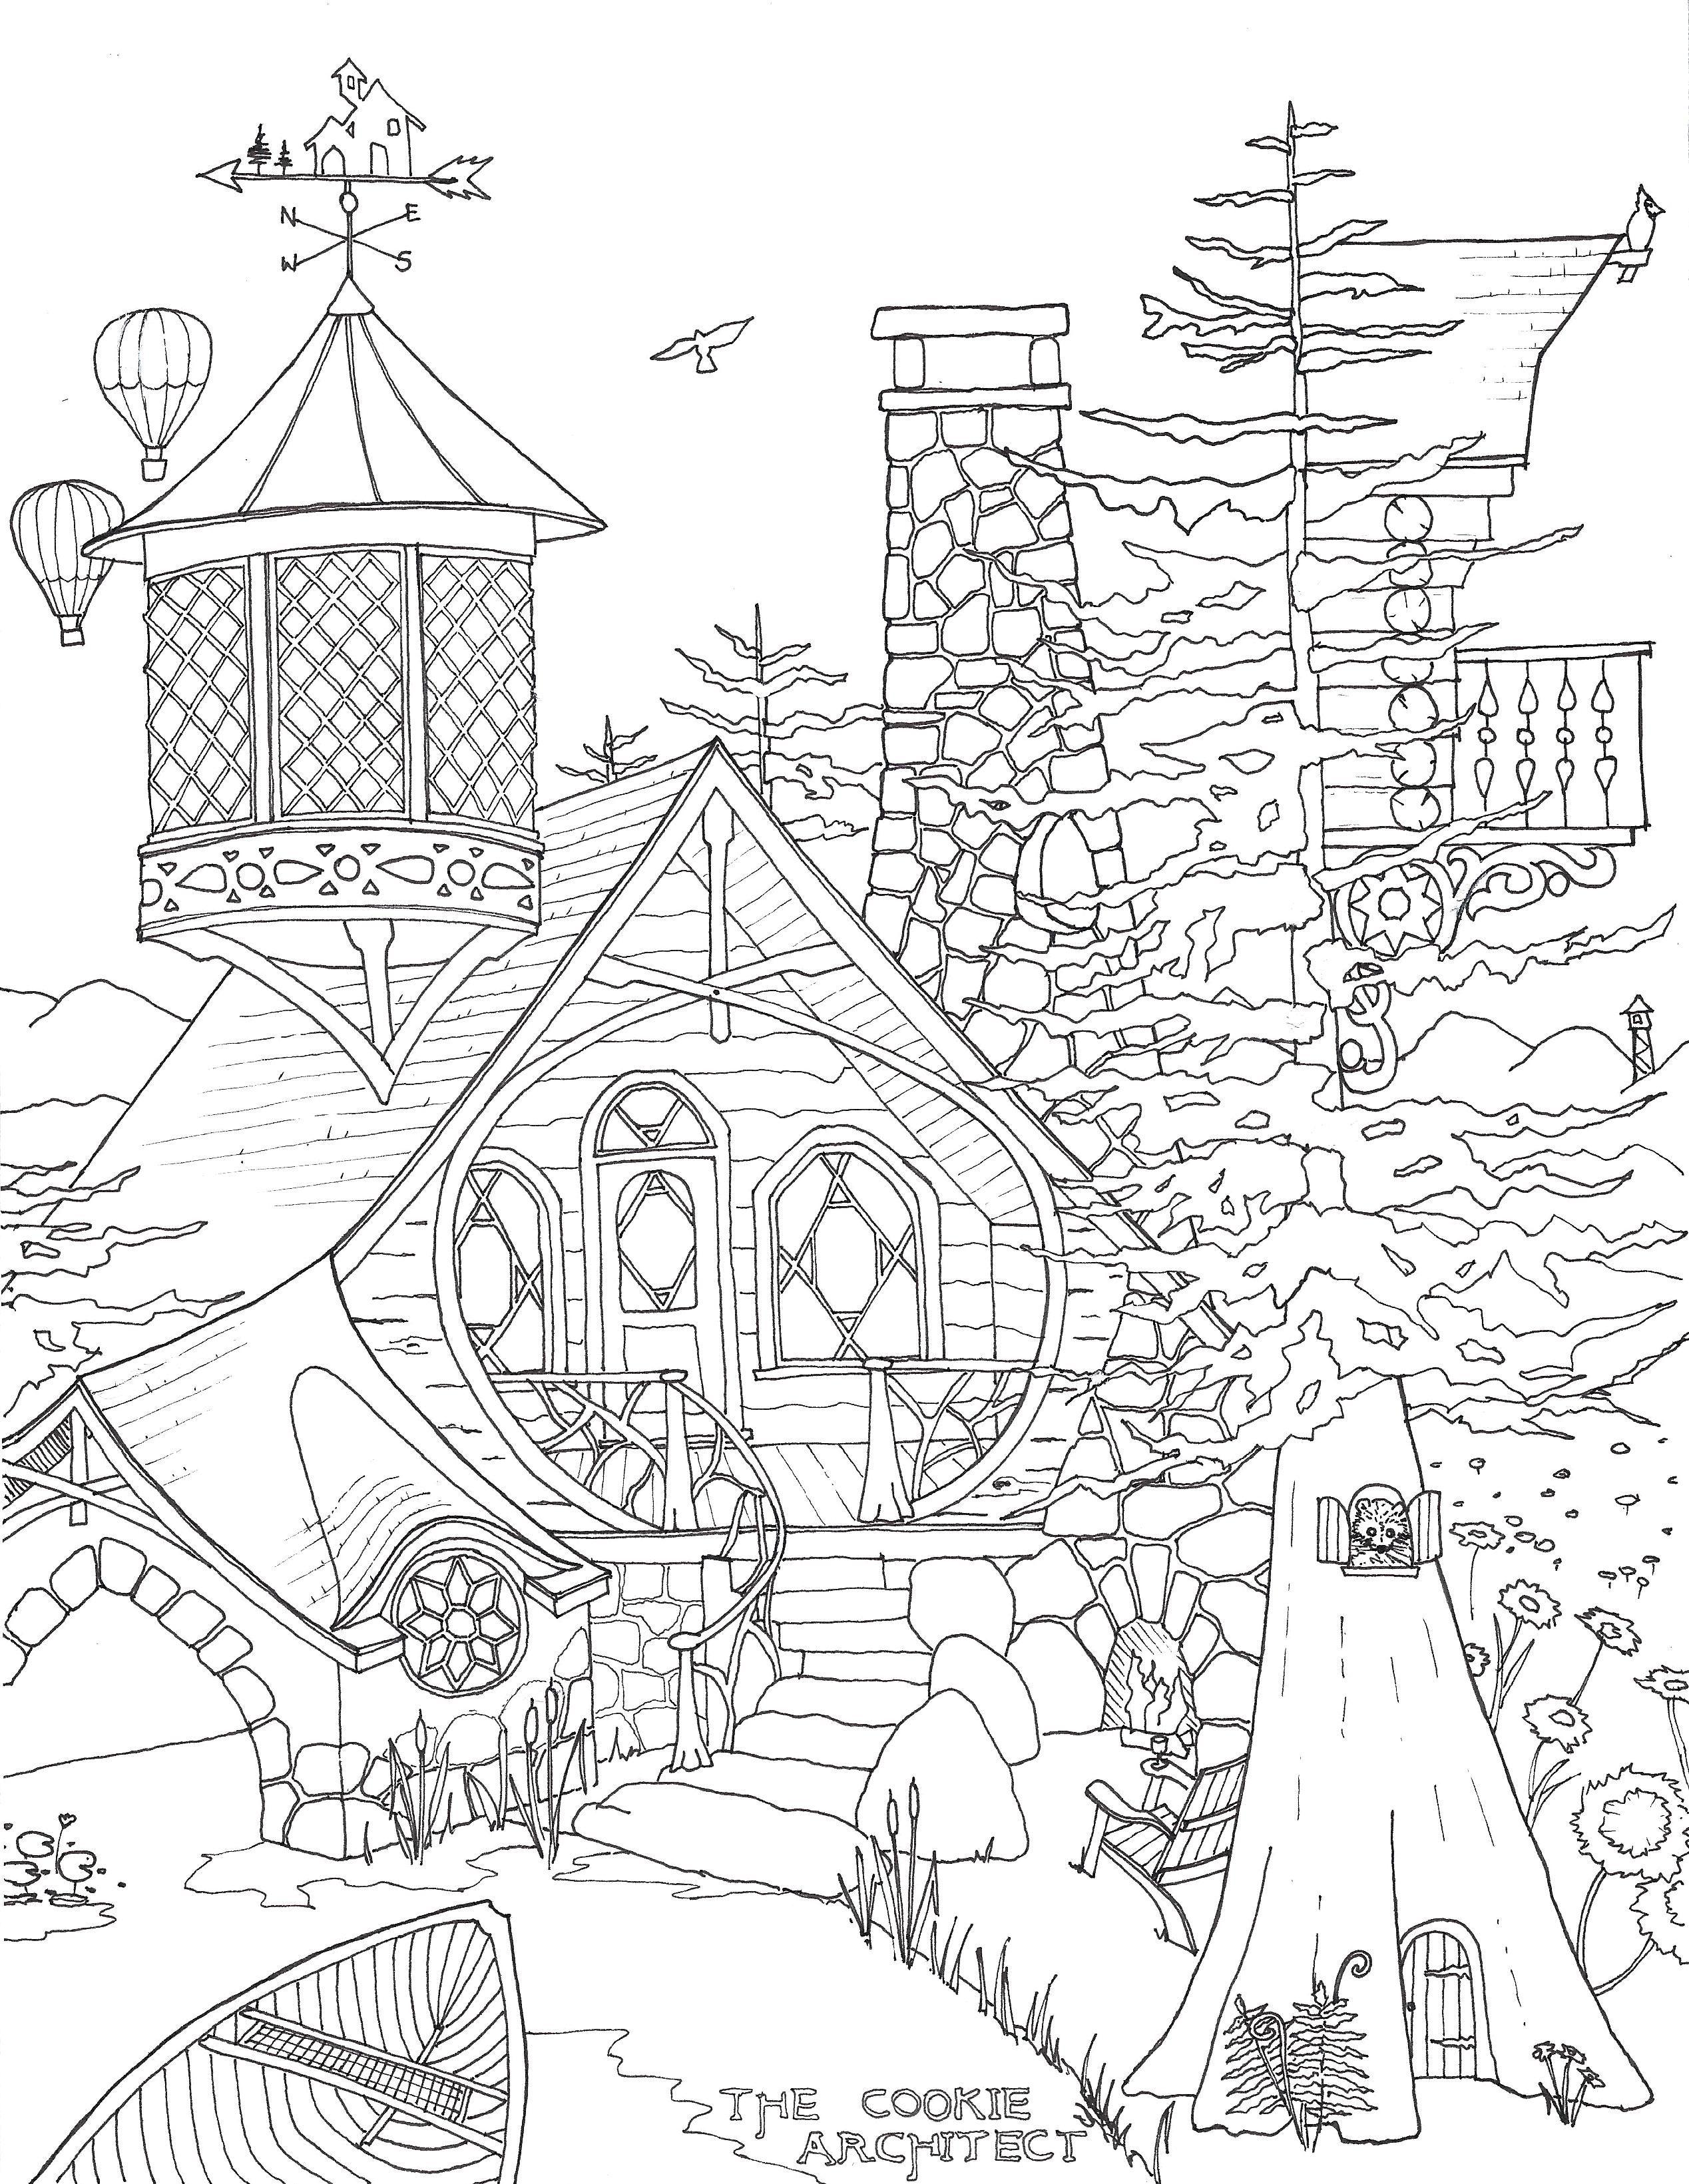 Adirondack Dreaming Coloring Page